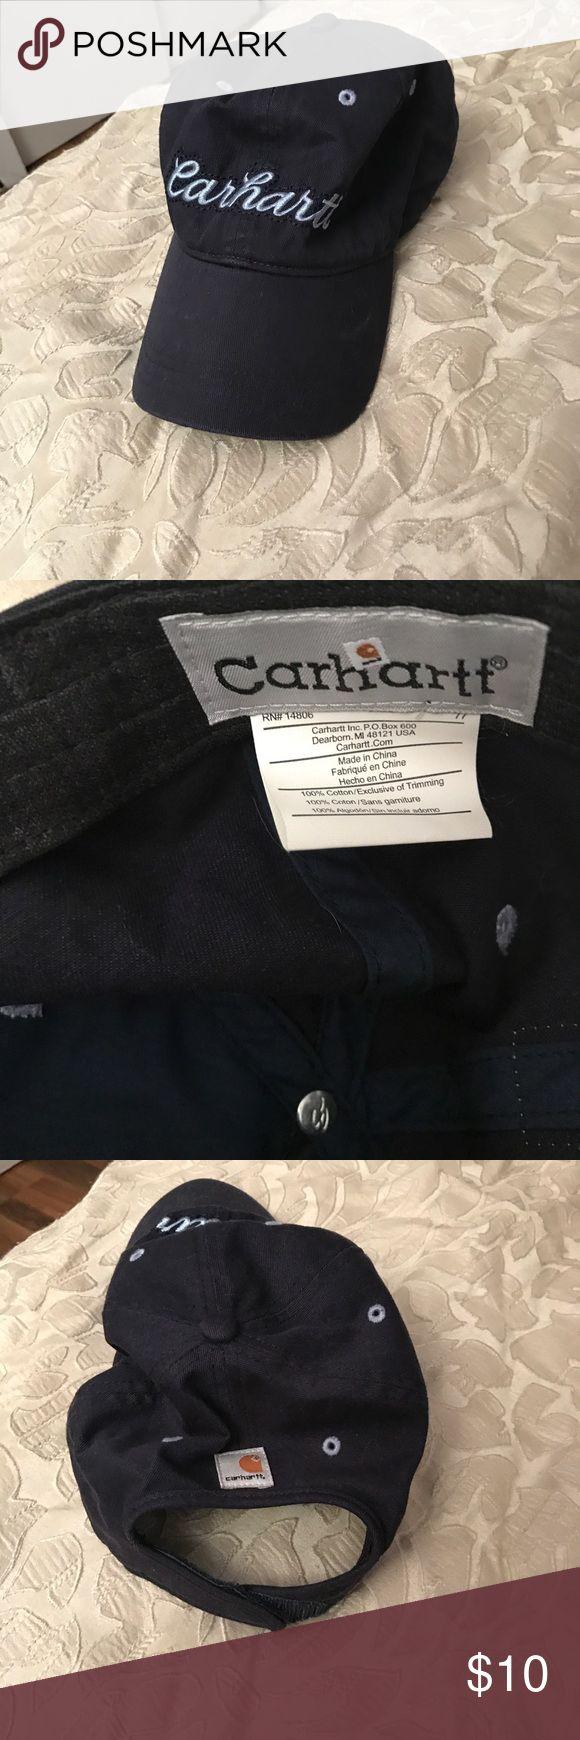 Carhartt Women's Baseball Cap Brand new Carhartt Accessories Hats